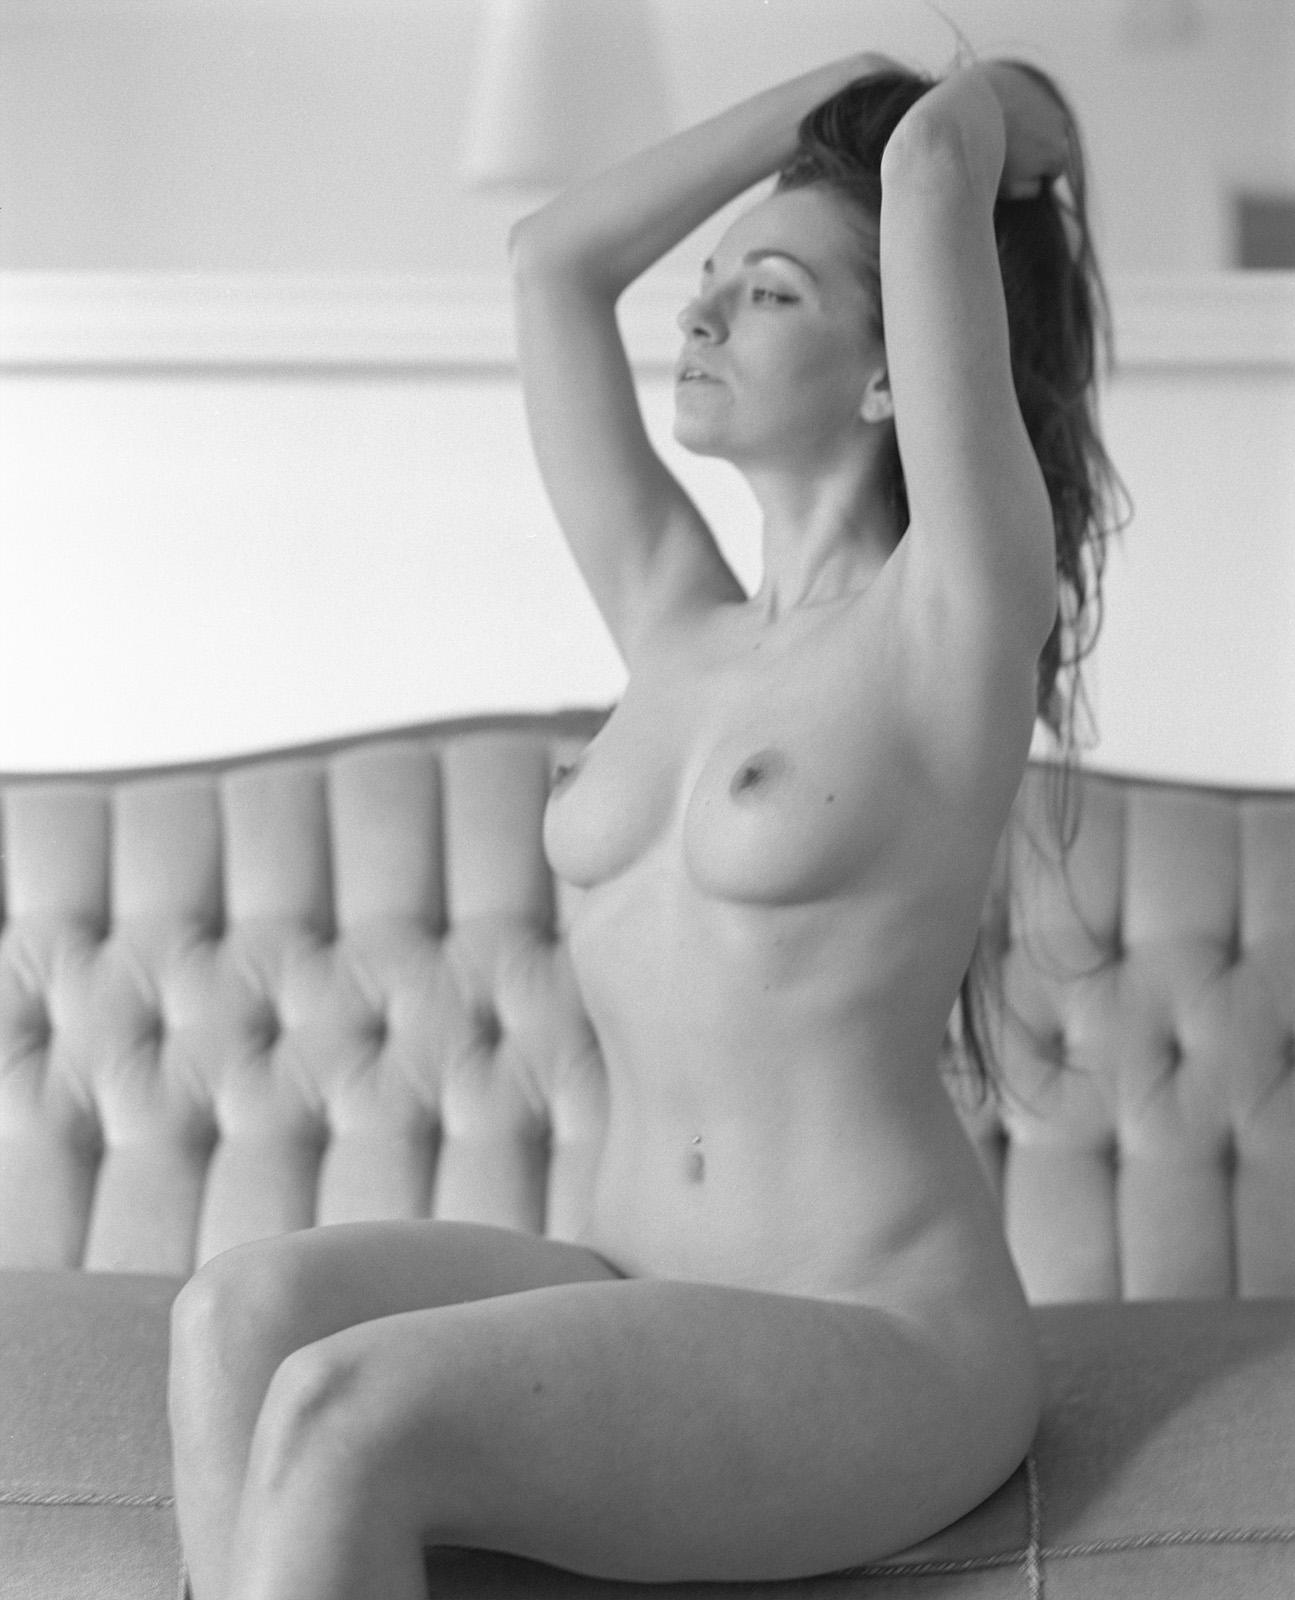 Anastasia auf ihrer Couch Anastasia auf ihrem Bett Akt Erotik Boudoir Fotograf sexy Homeshooting nackt